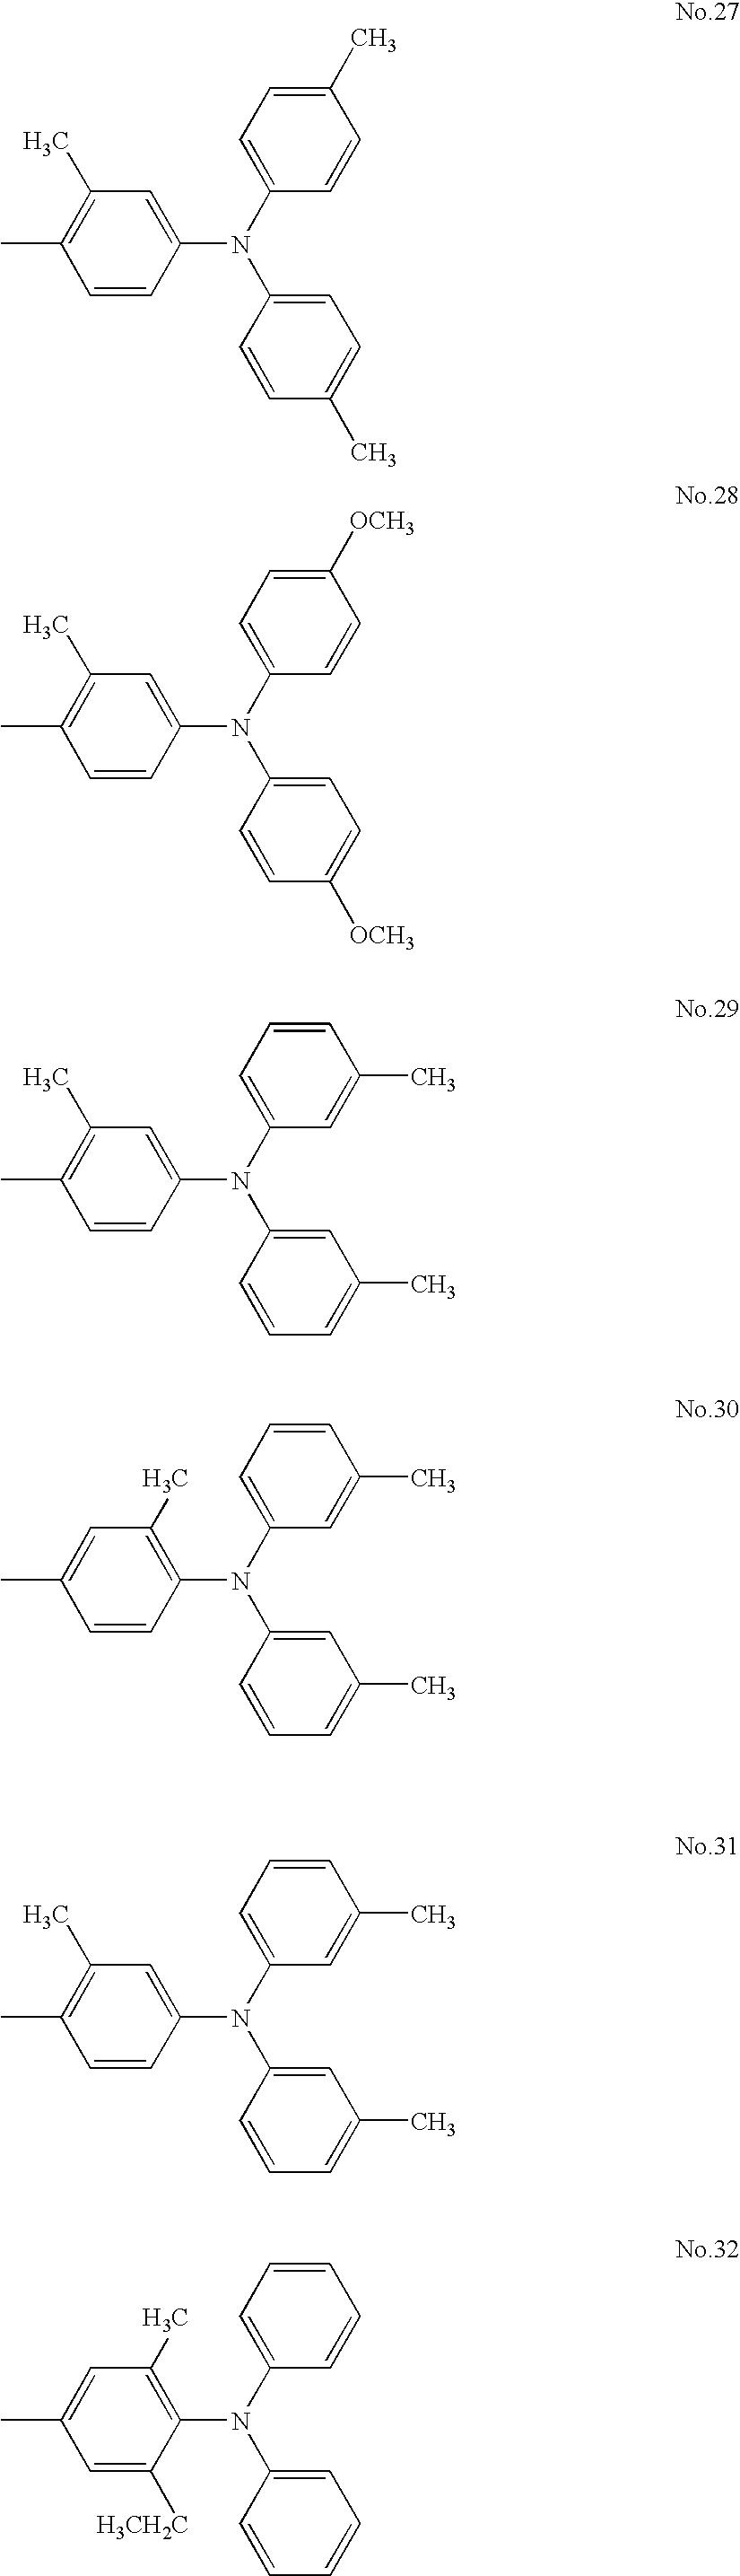 Figure US07629094-20091208-C00022